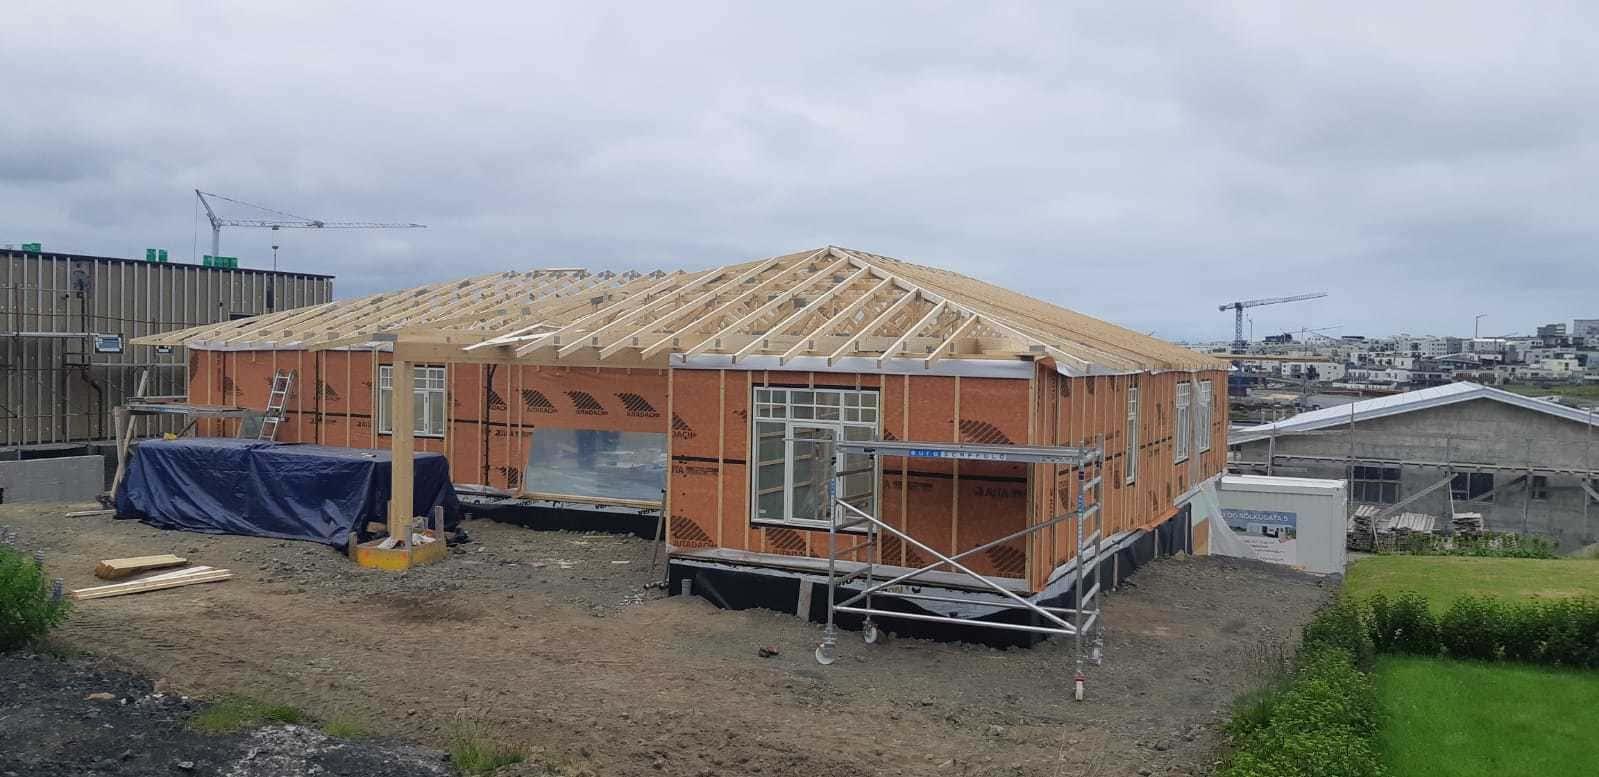 Tivo koka karkasu un moduļu māju ražošana izmantojot Freimans jumta konstrukcijas